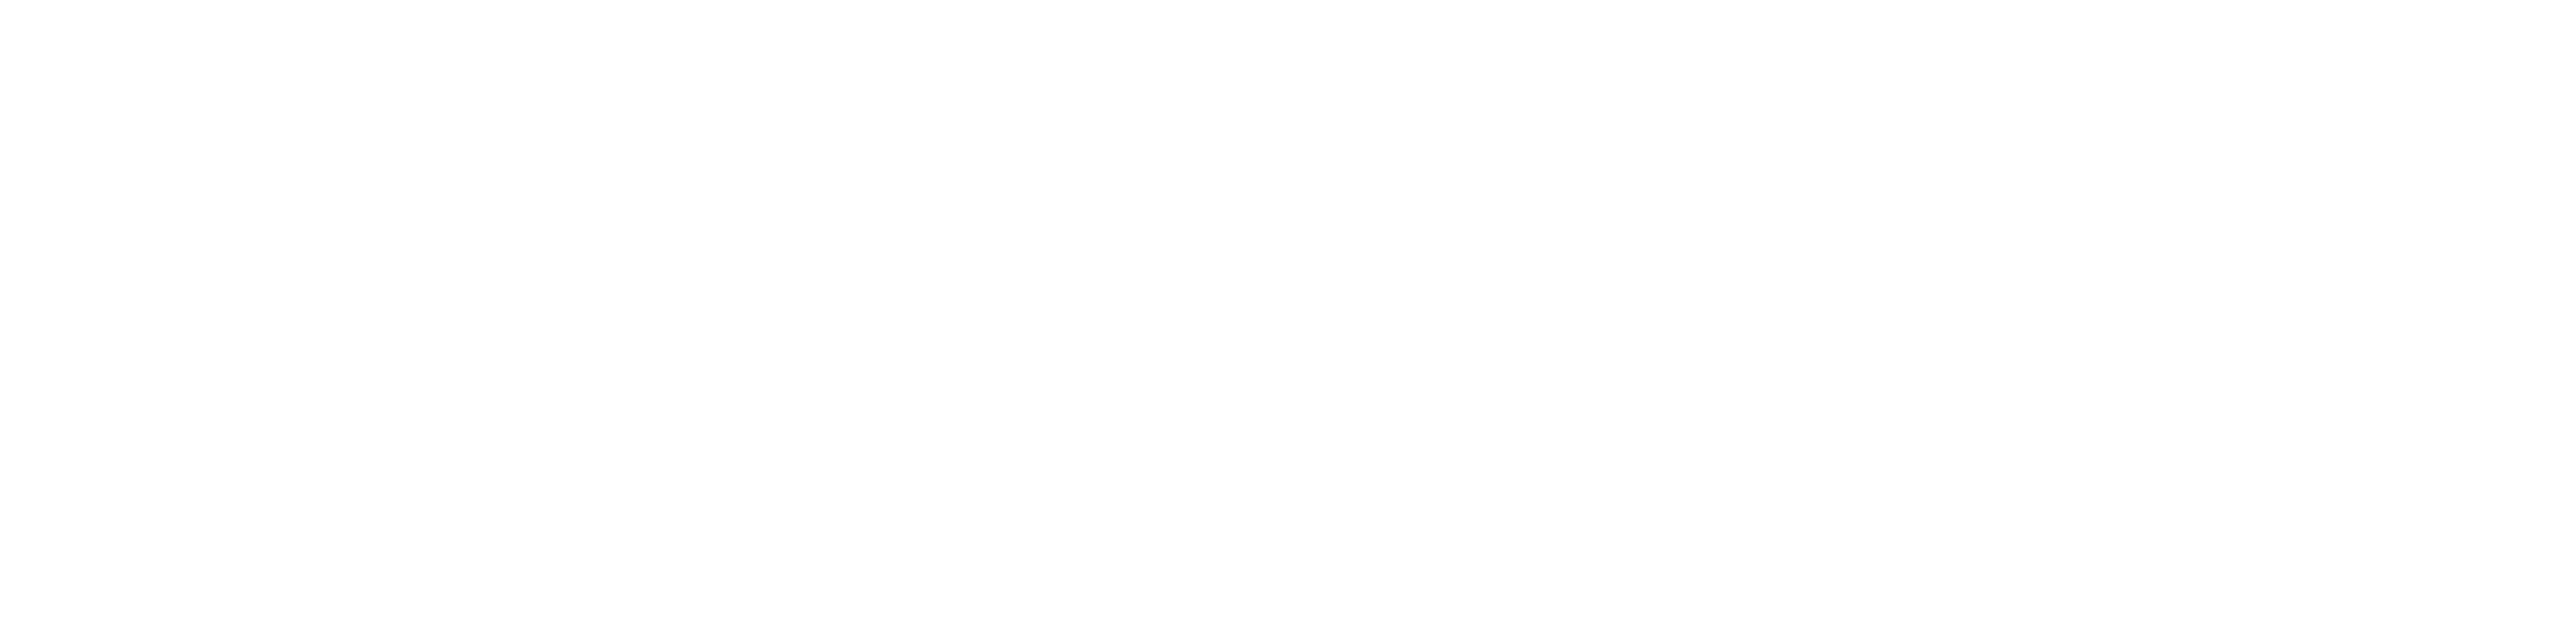 Metnet-01